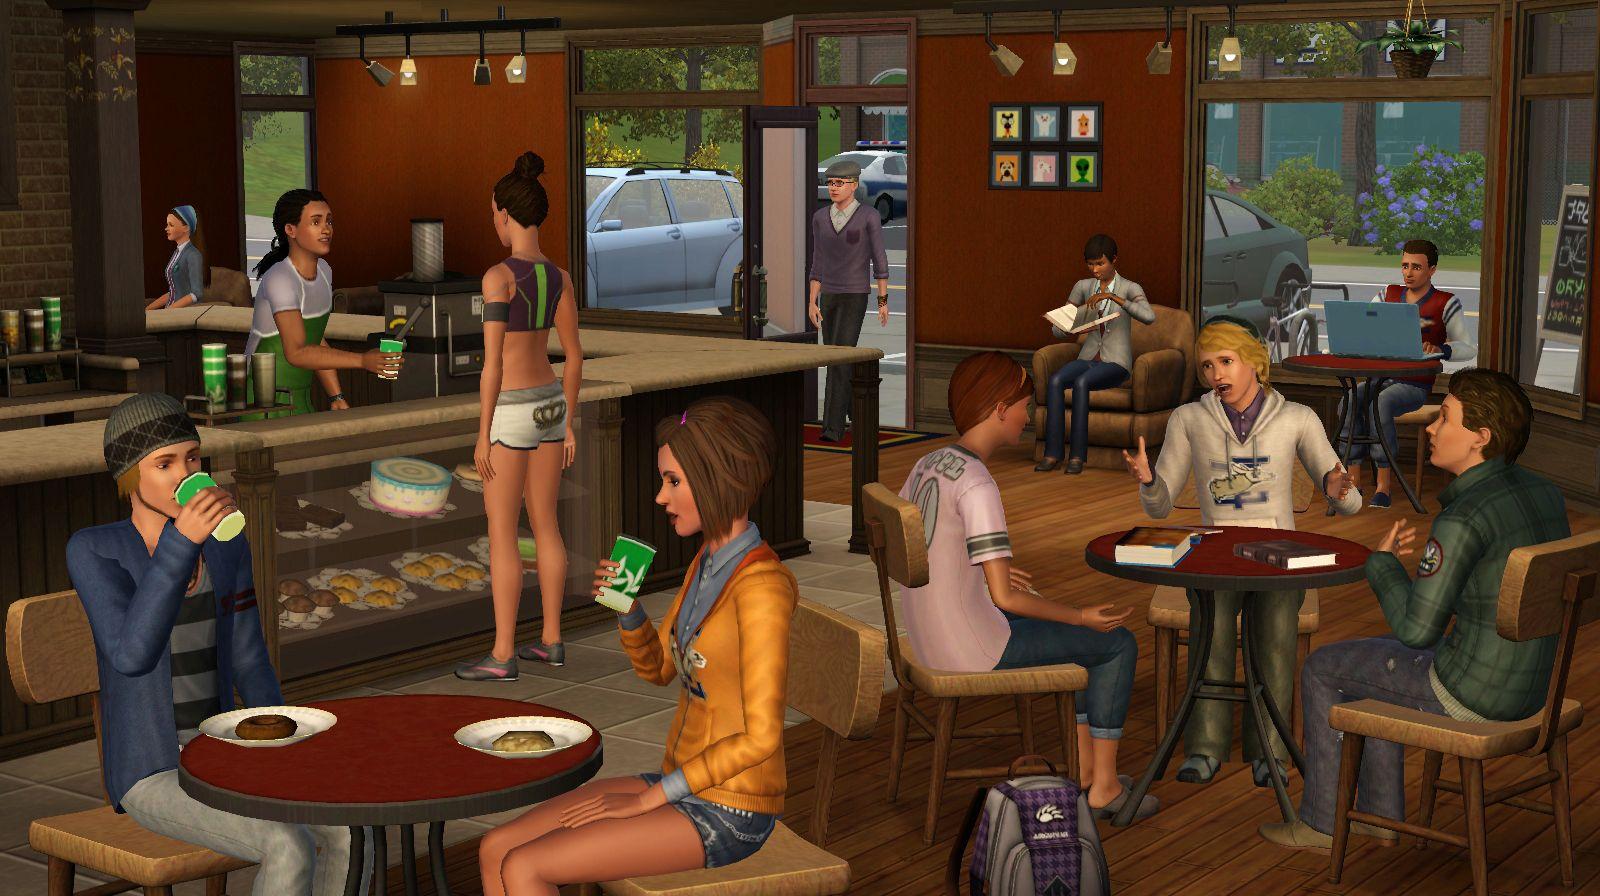 impulsegamer com - EA REVEALS THE SIMS 3 LINE-UP FOR 2013